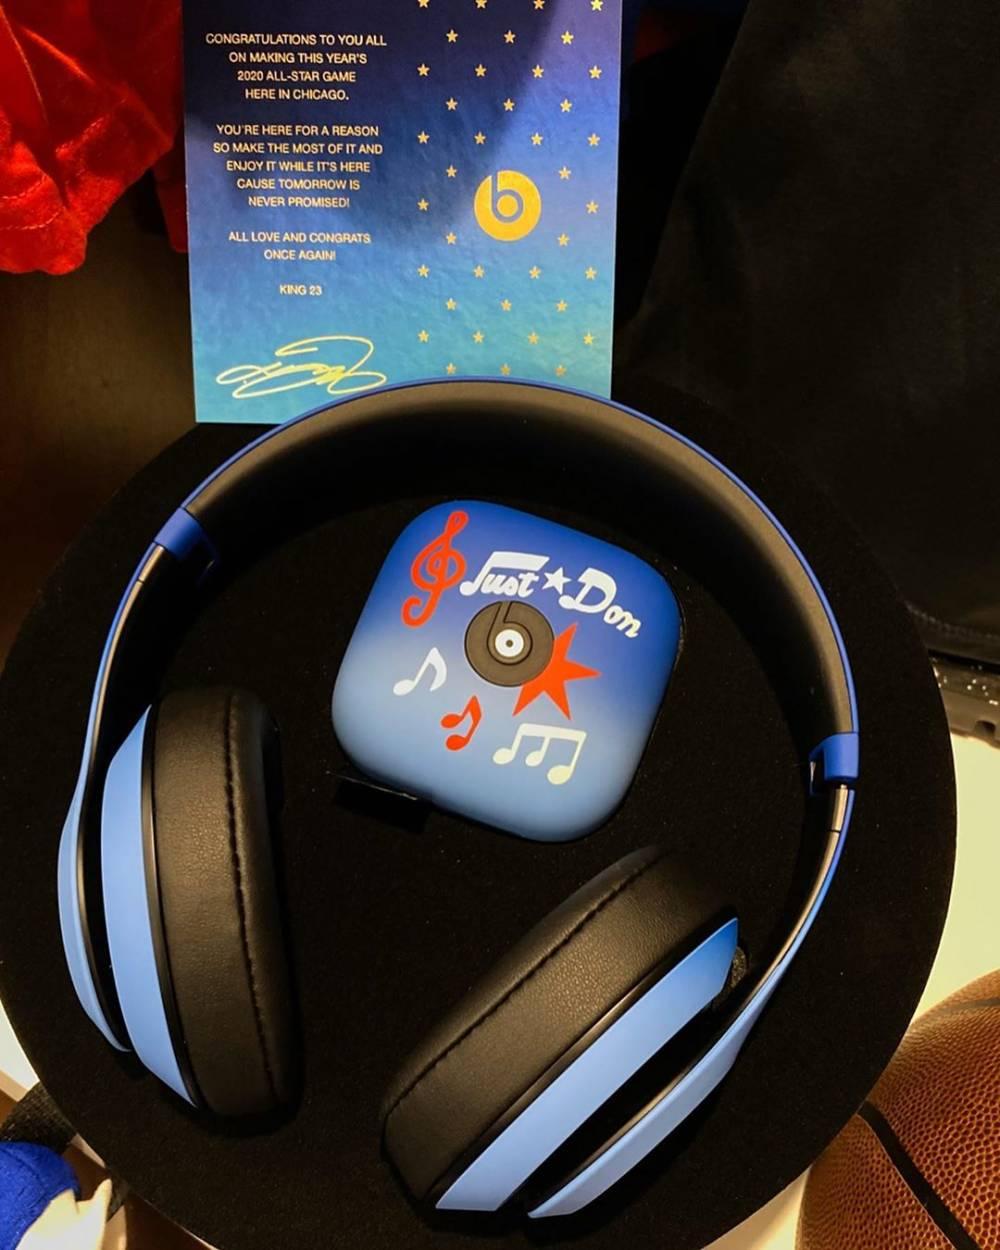 詹姆斯赠送所有全明星队友两款定制版耳机